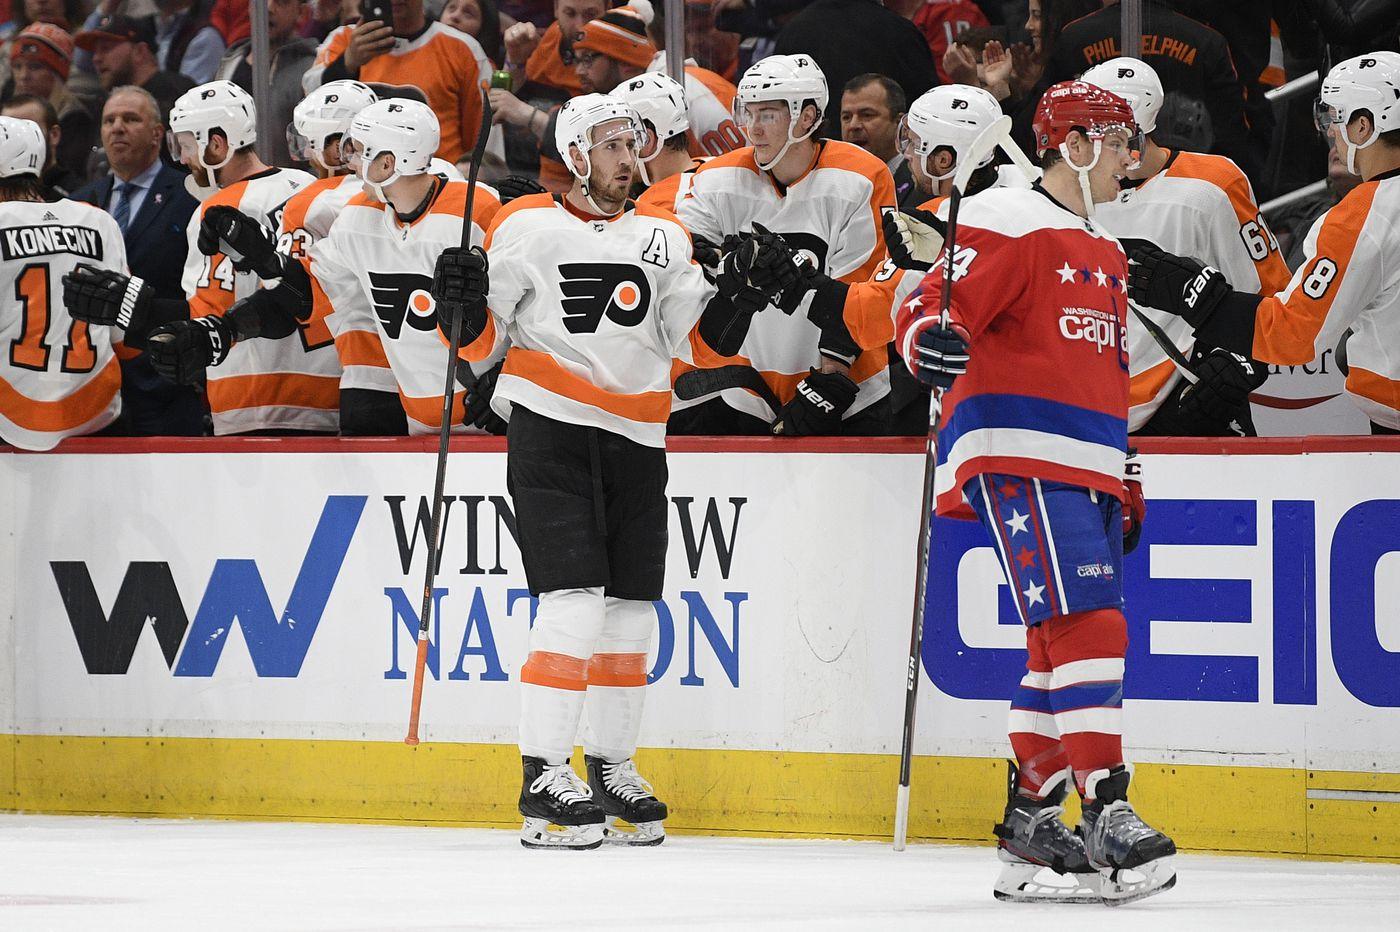 Flyers beat Capitals, 5-2, but lose James van Riemsdyk to broken right hand